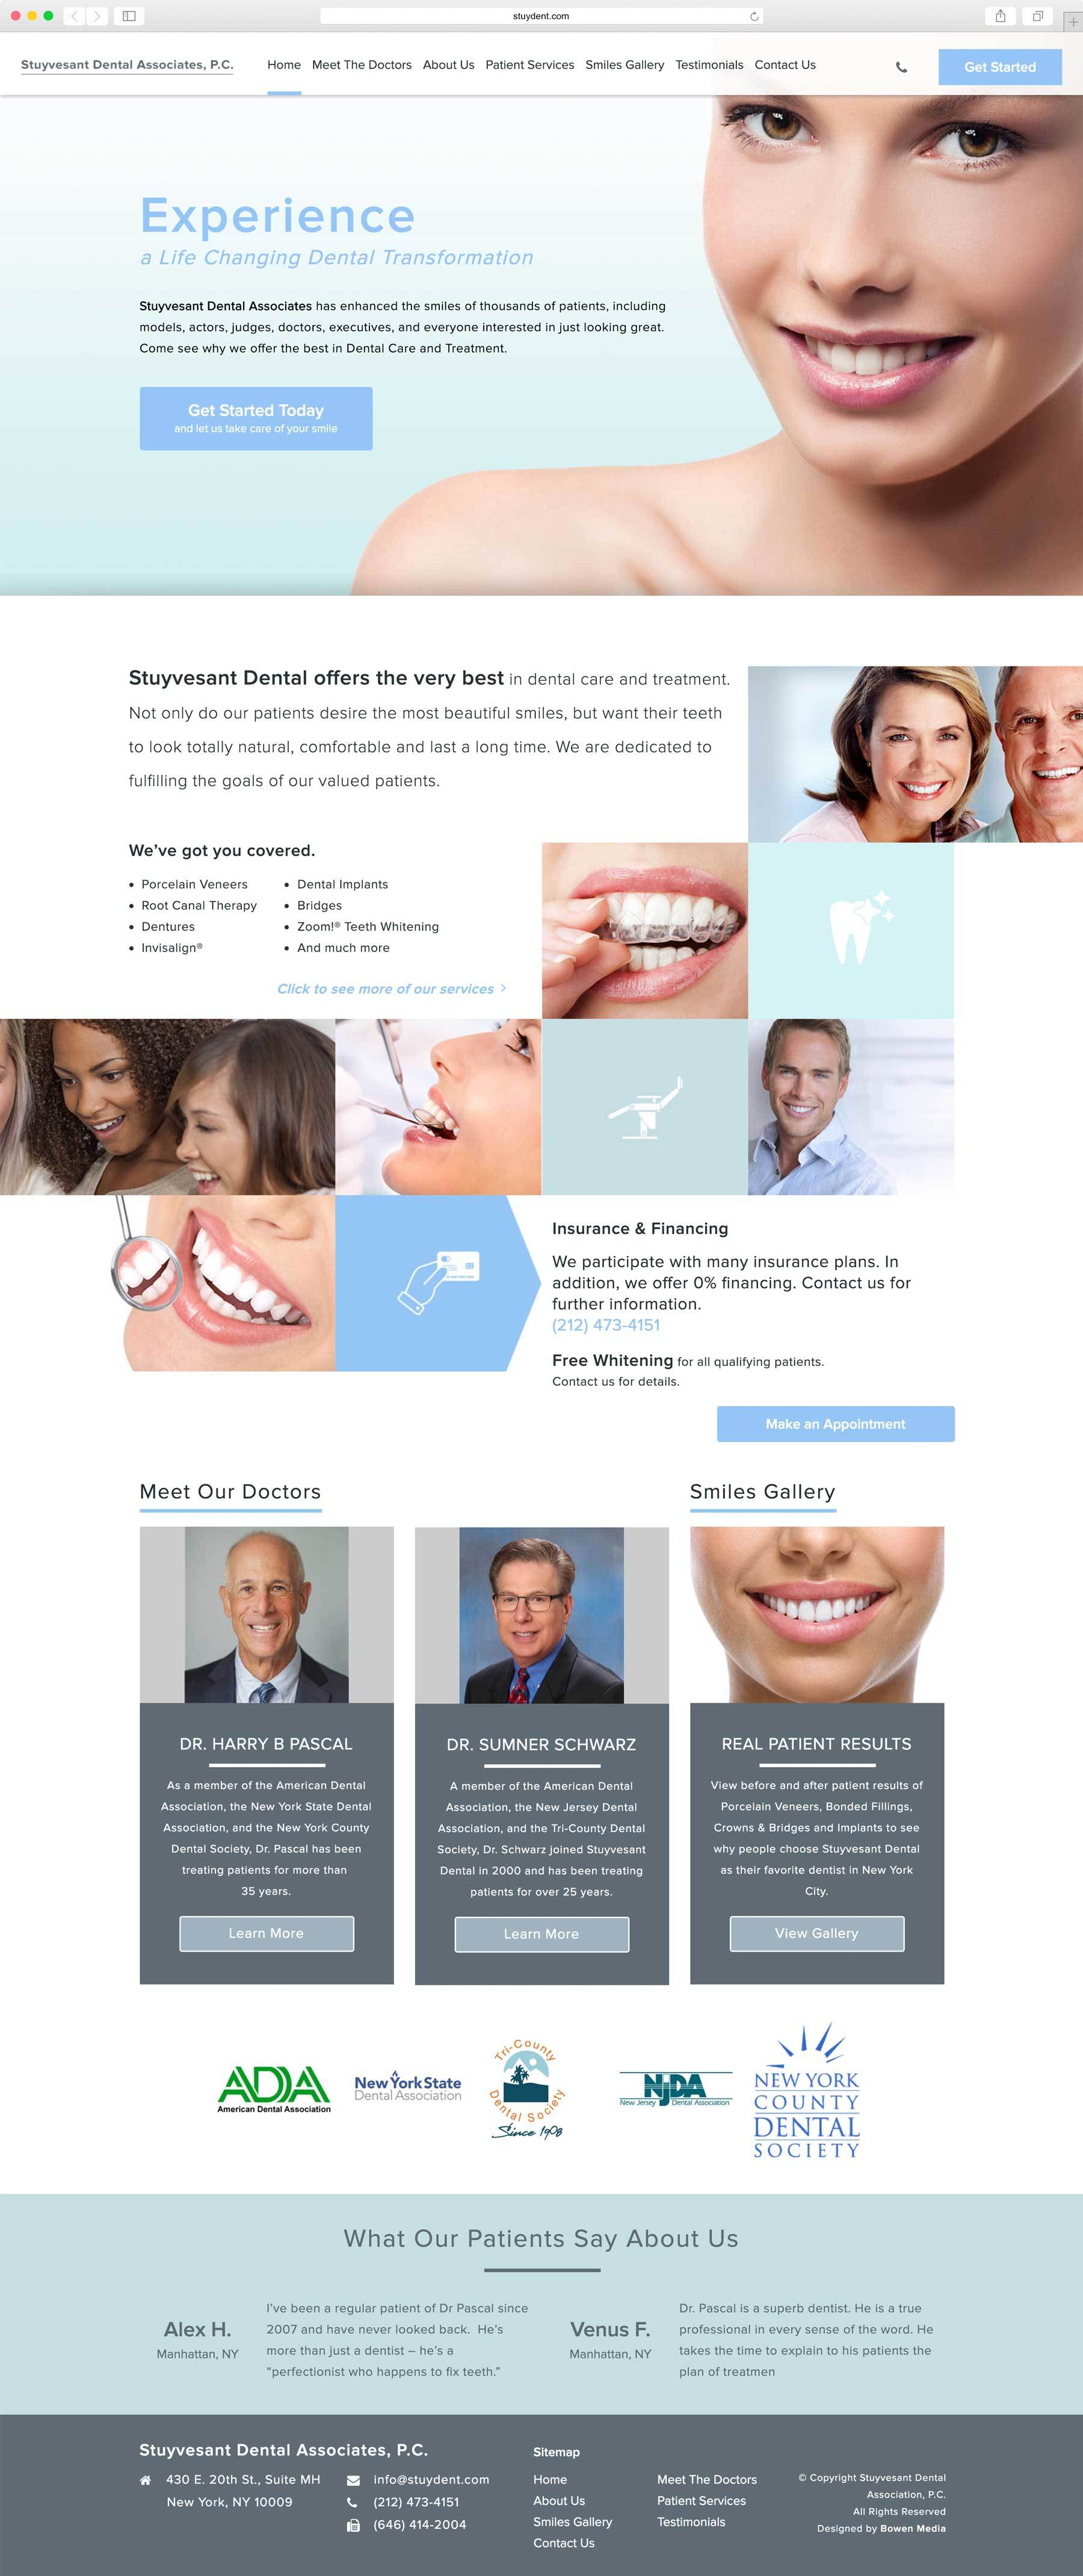 Stuyvesant Dental Associates | Bowen Media